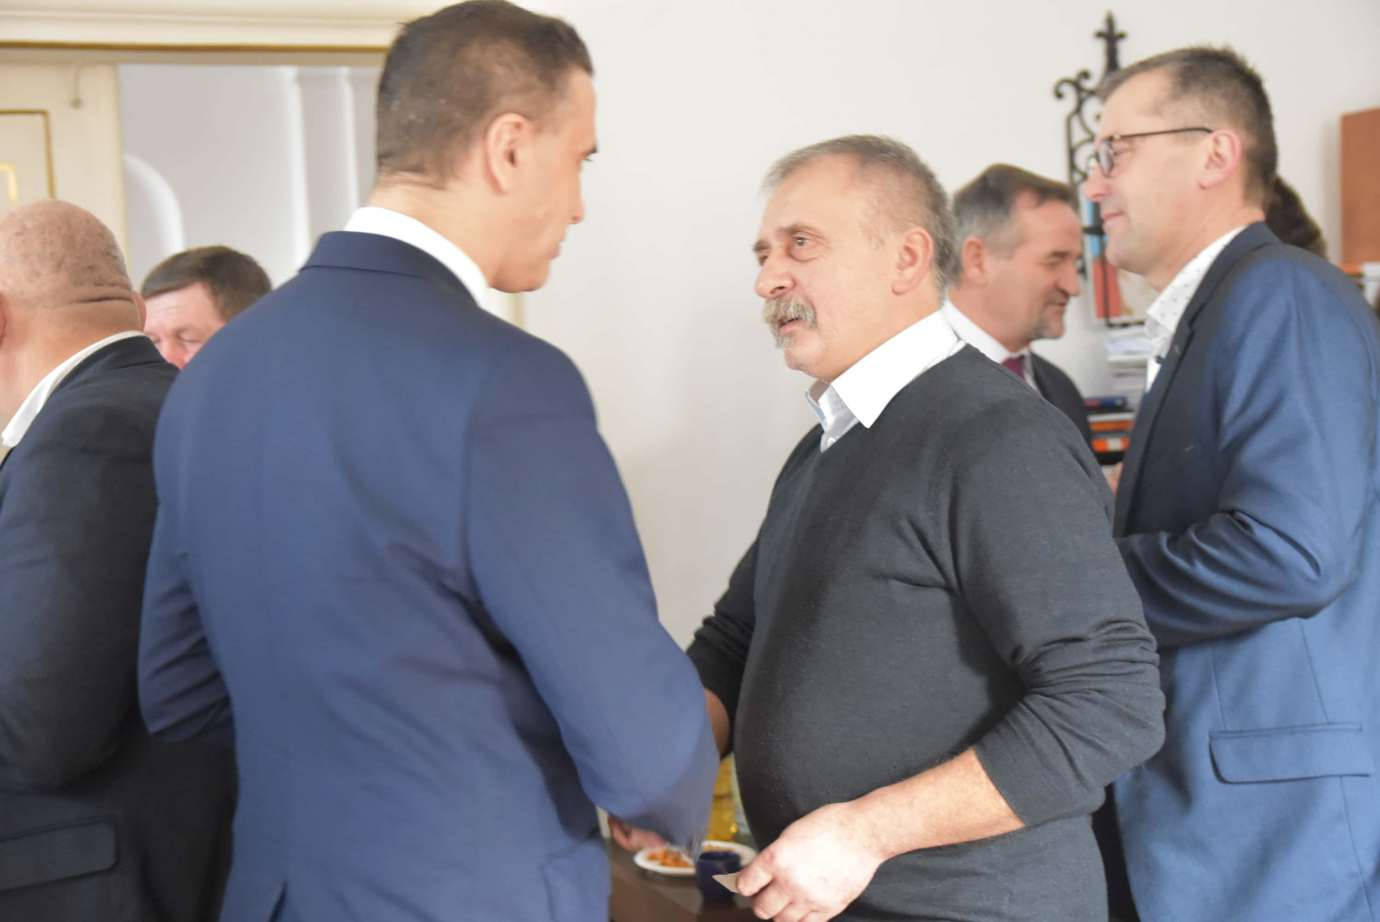 dsc 4056 Zamość: Otwarcie nowego biura poselskiego Jarosława Sachajko. [ZDJĘCIA, FILM]